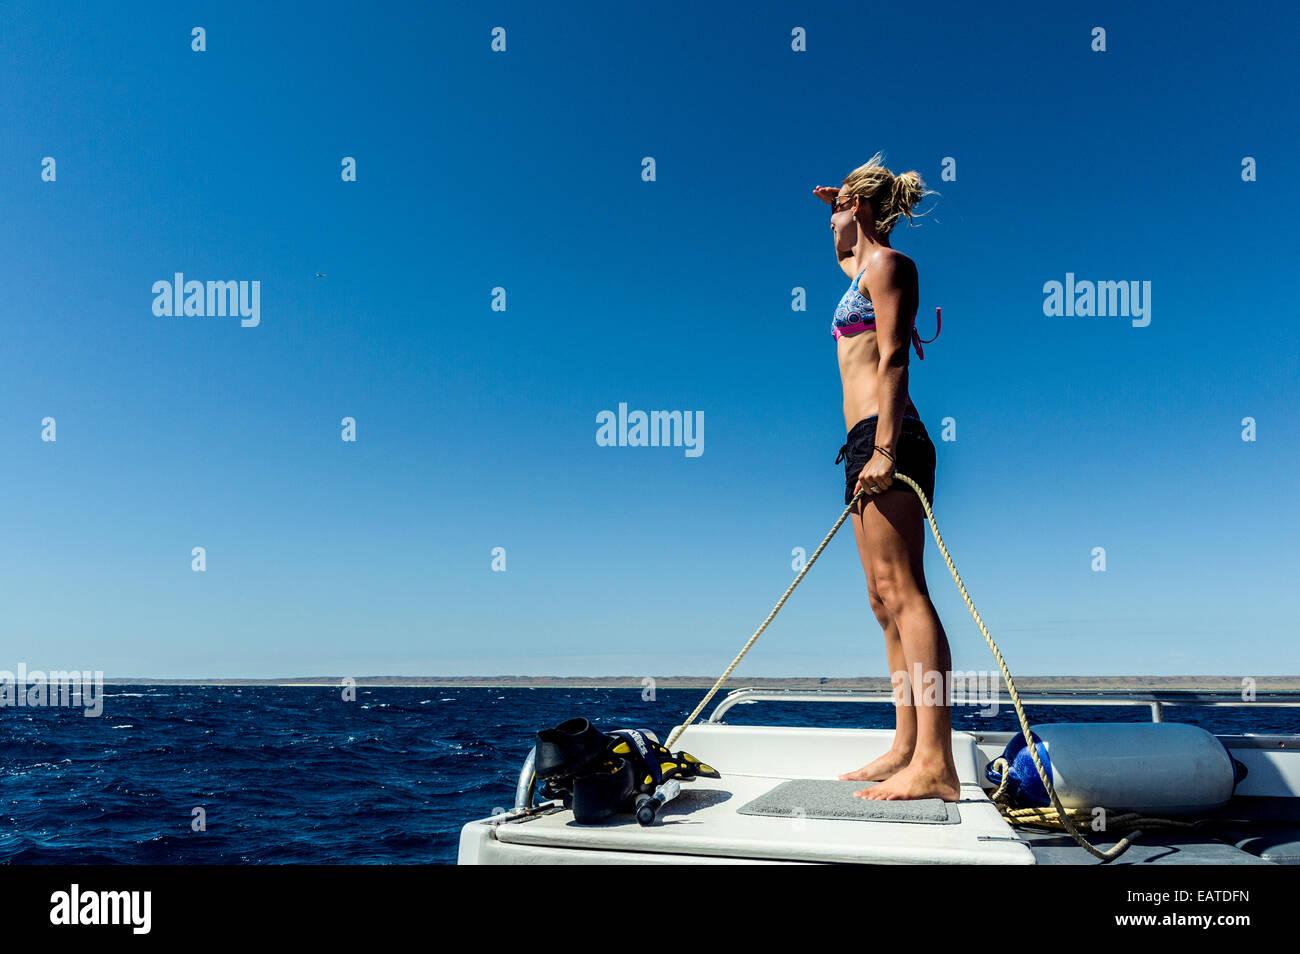 A mettre en place et la jeune femme se tourne vers l'horizon d'un bateau. Photo Stock